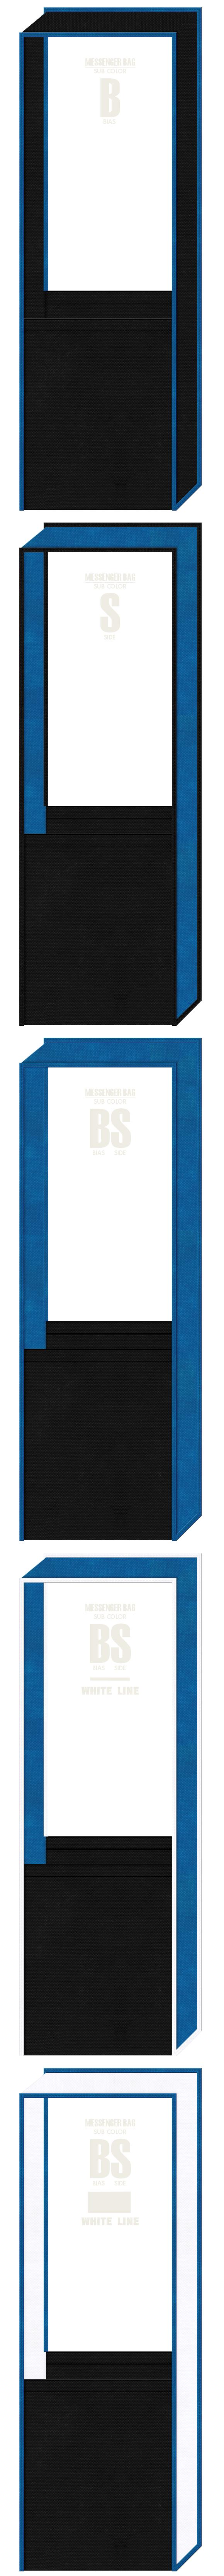 不織布メッセンジャーバッグのカラーシミュレーション(黒色・青色・白色):展示会用バッグ(シューティングゲーム・アクションゲーム・ファイティングゲーム)、スポーツイベントにお奨めです。